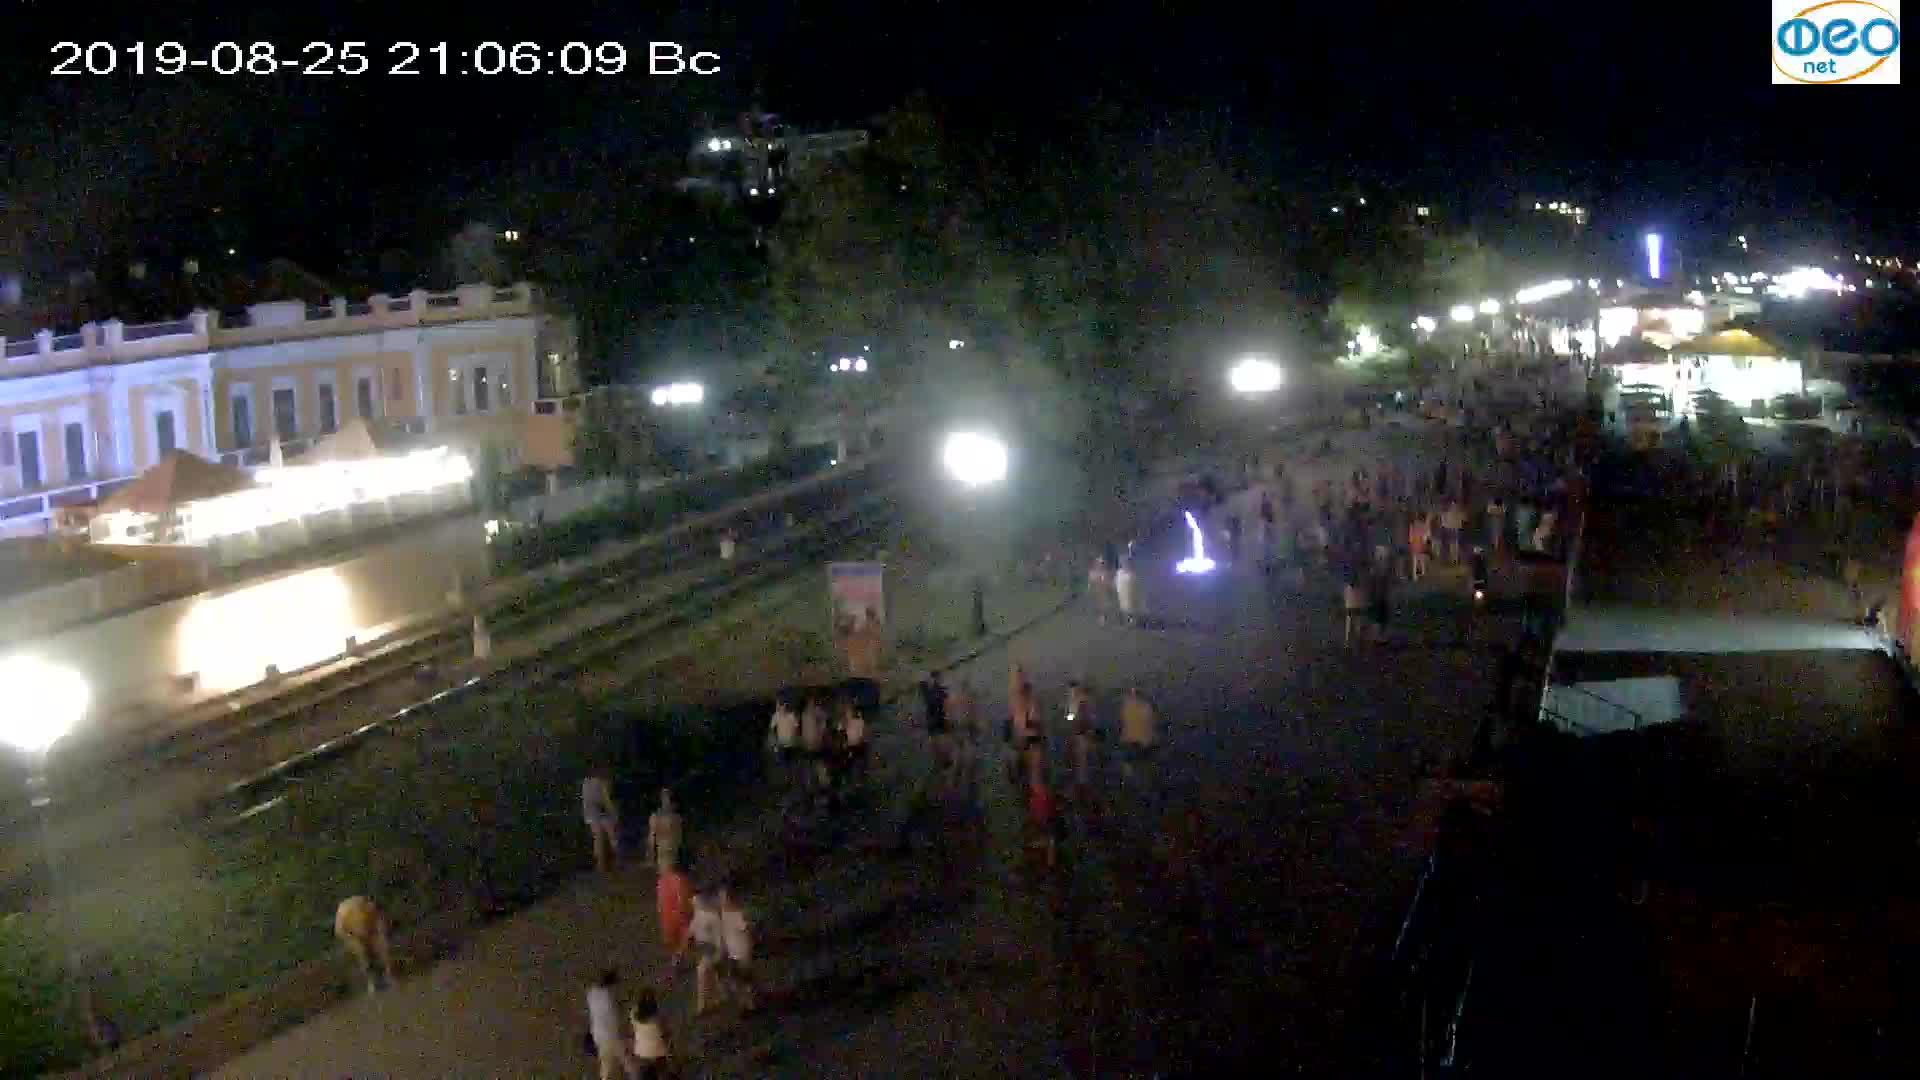 Веб-камеры Феодосии, Набережная, 2019-08-25 21:00:05